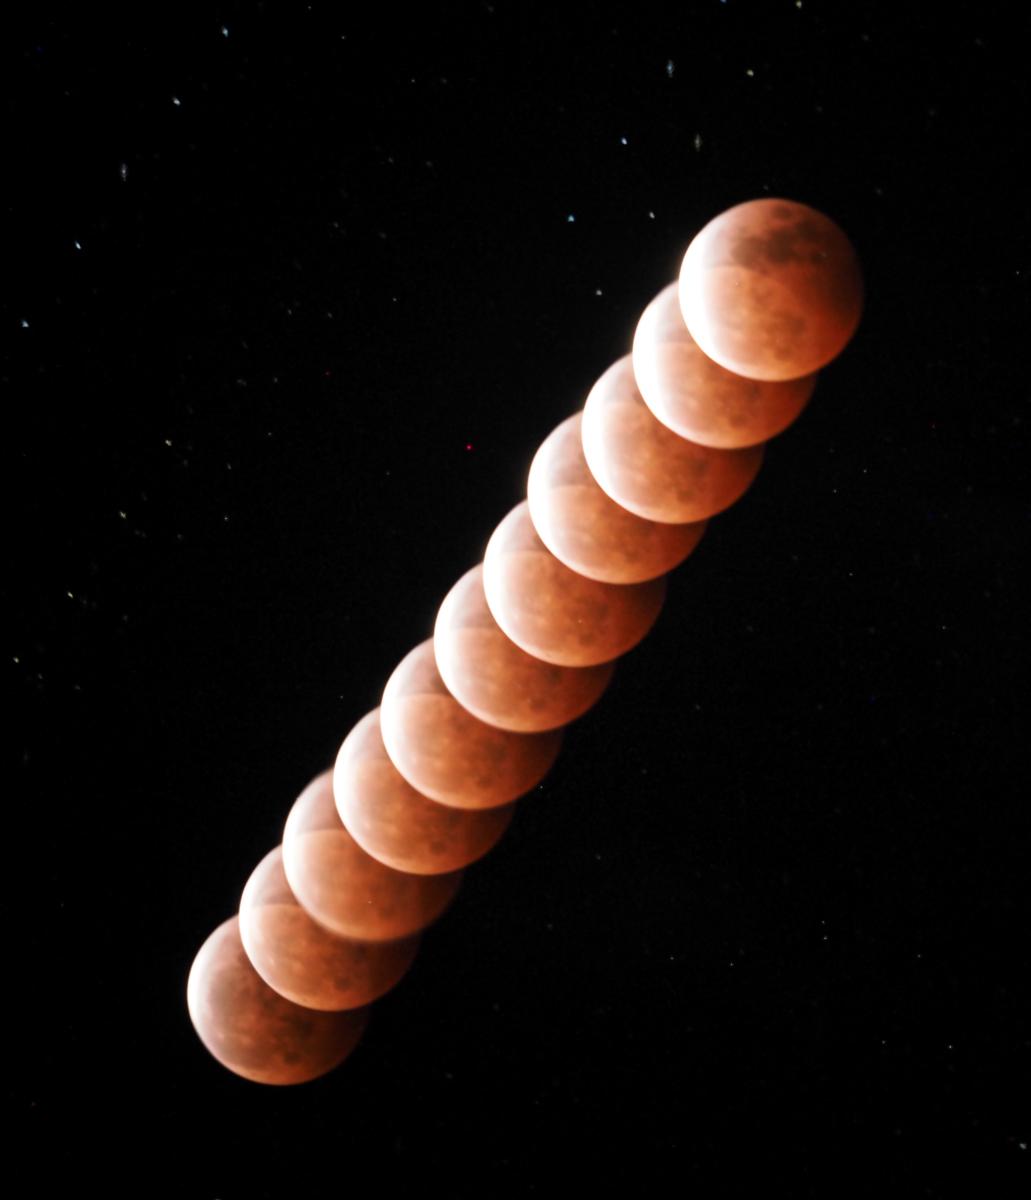 皆既月食撮影するも納得いかず